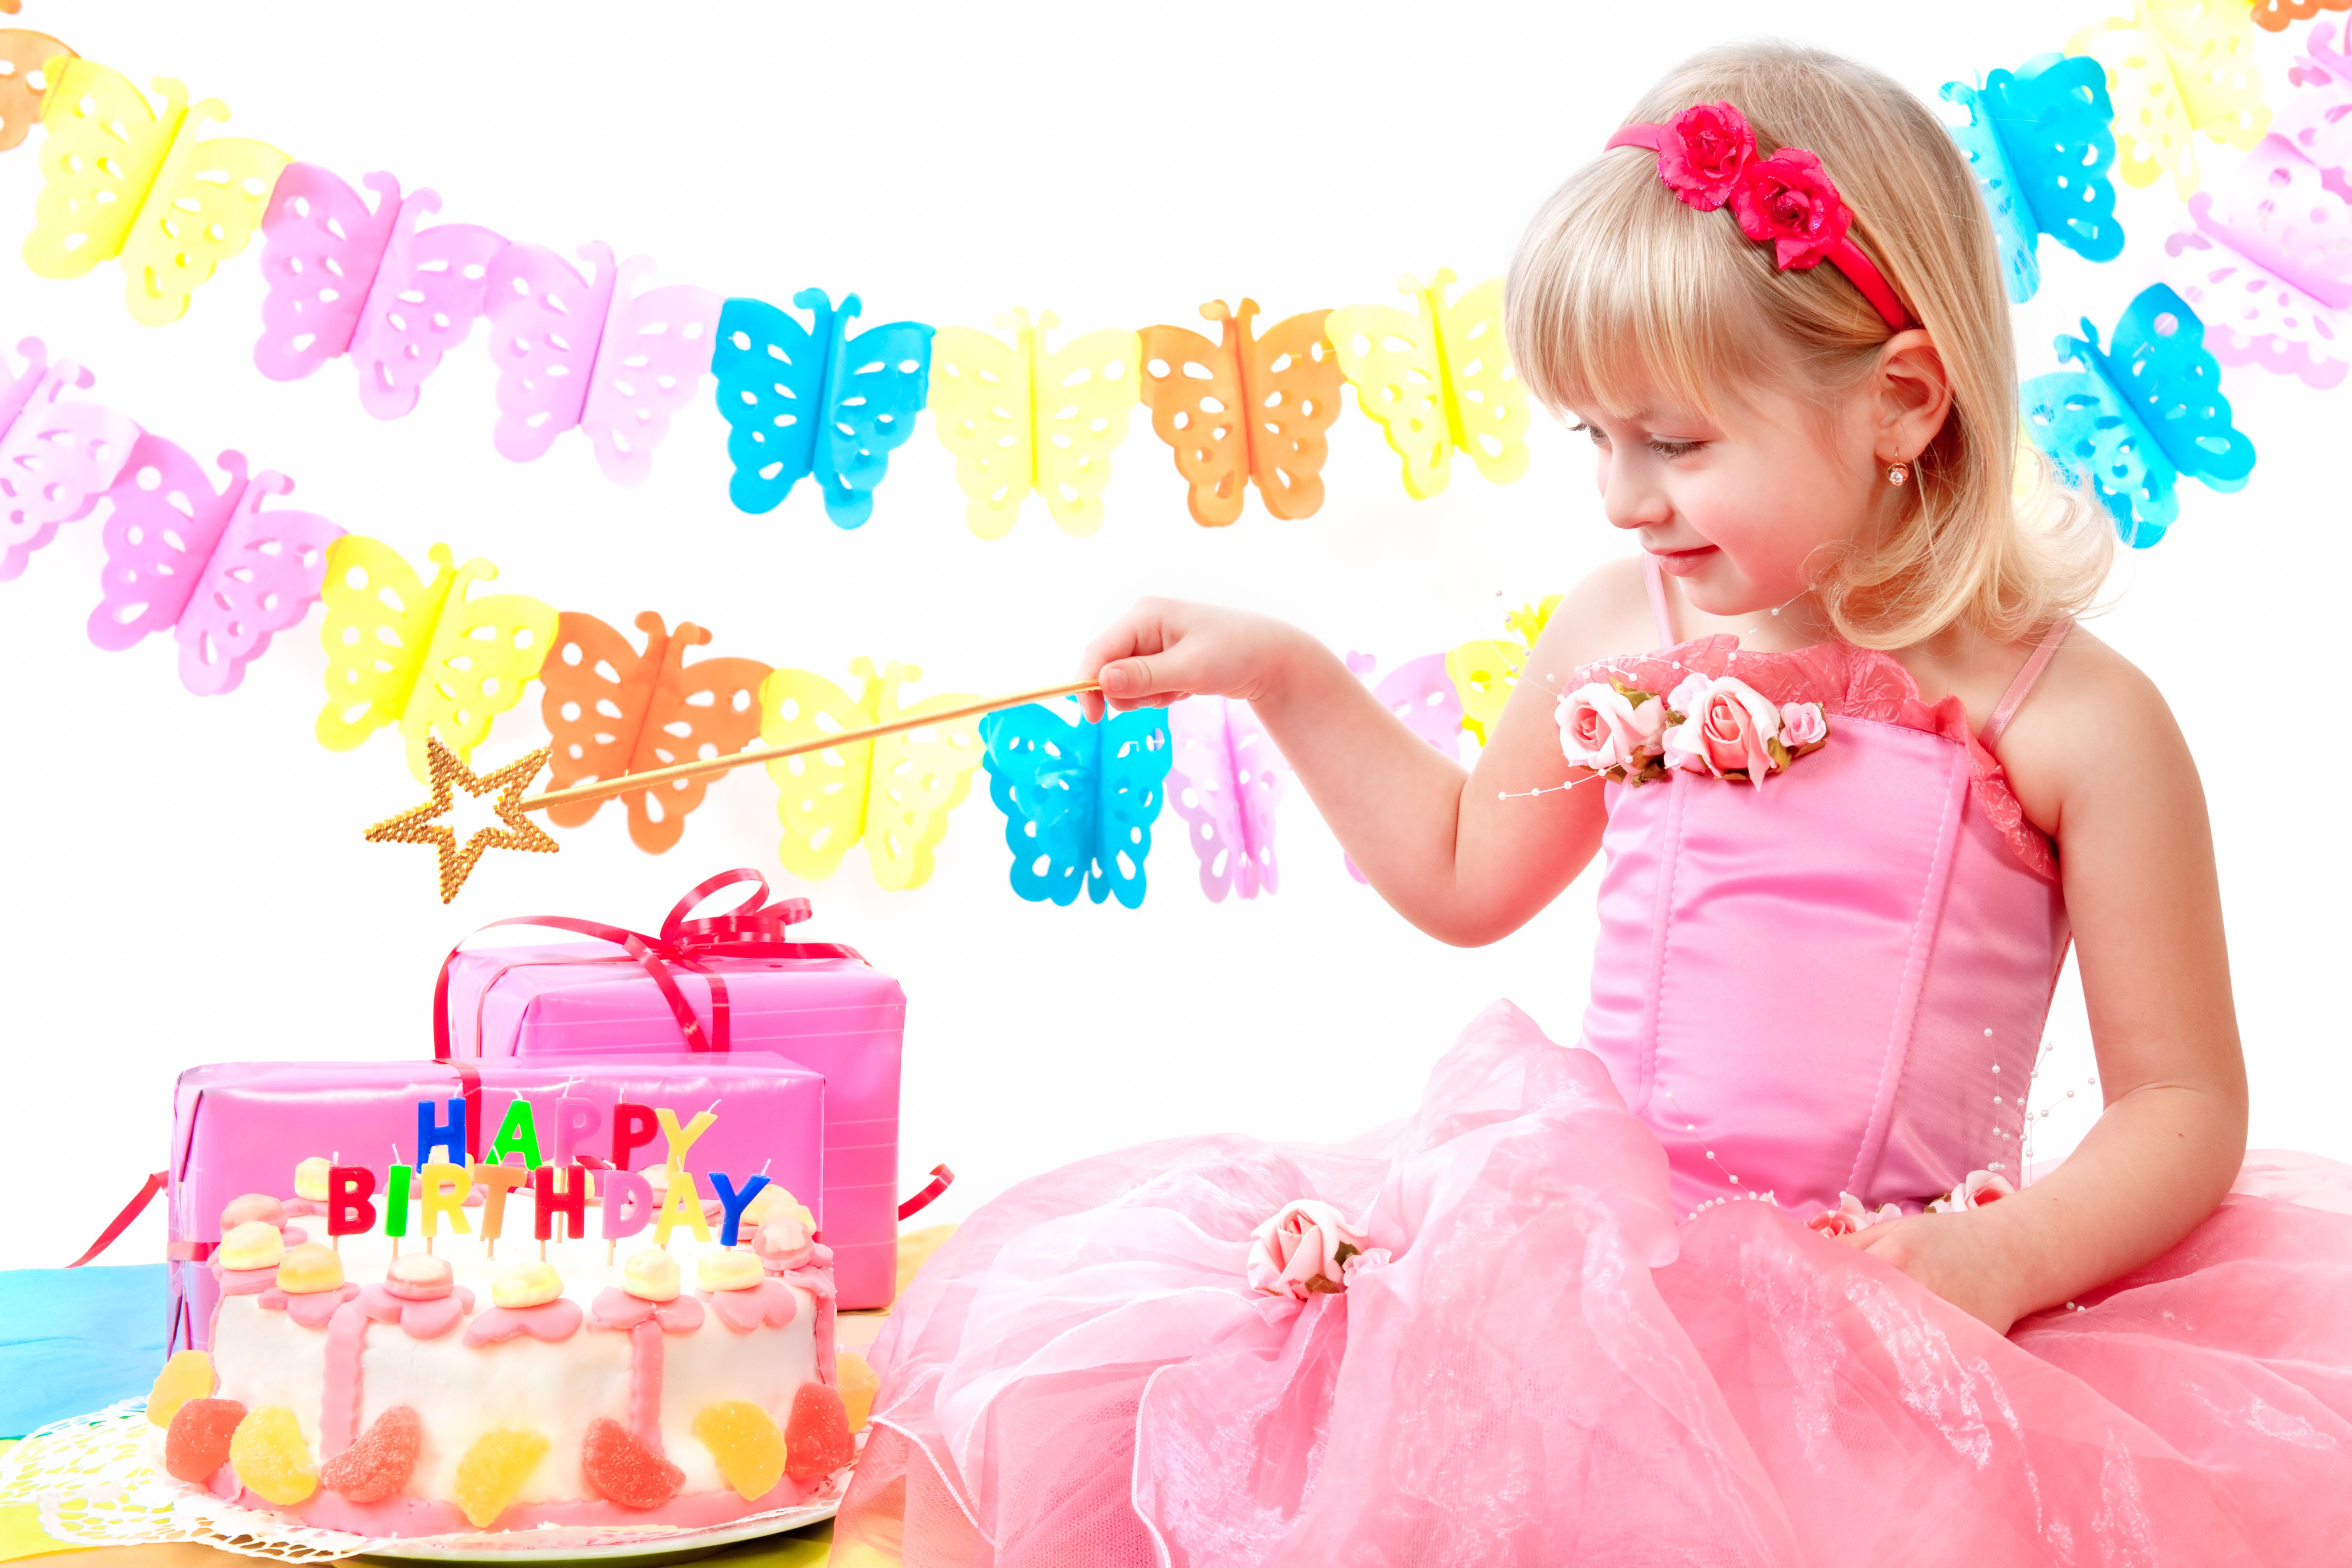 Подарки для детей Что подарить ребенку на день рождения? 16